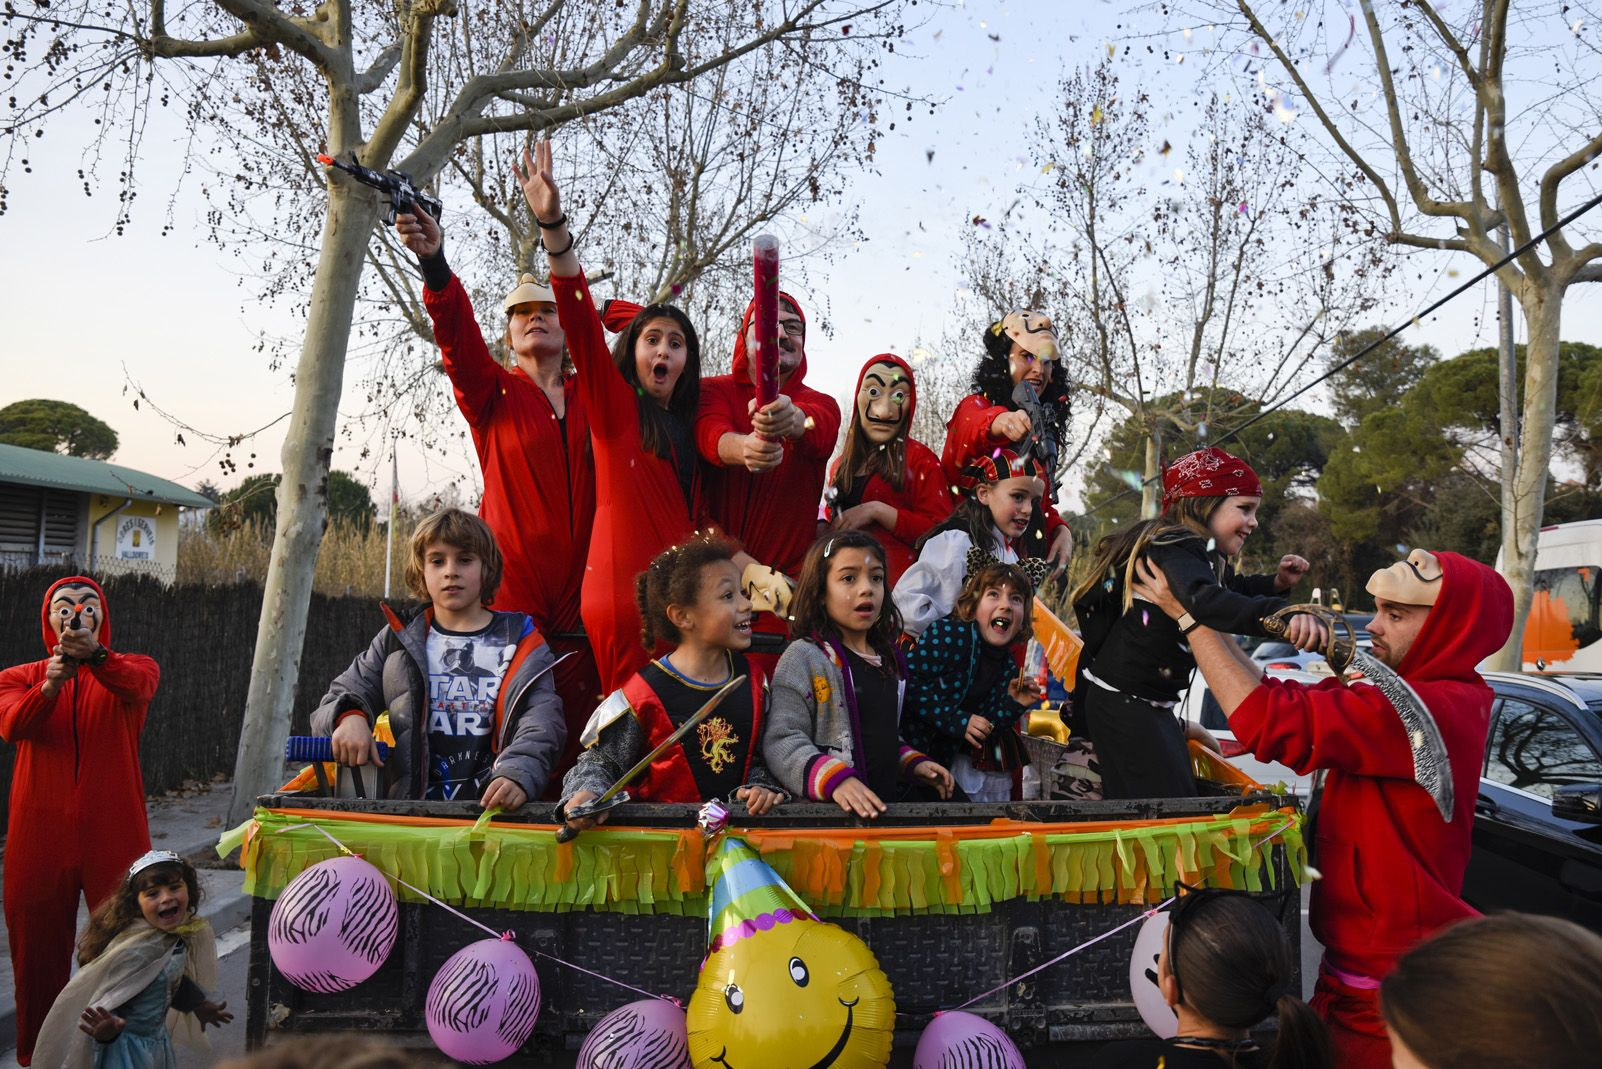 Carnaval complex esportiu de Valldoreix. Foto: Bernat Millet.